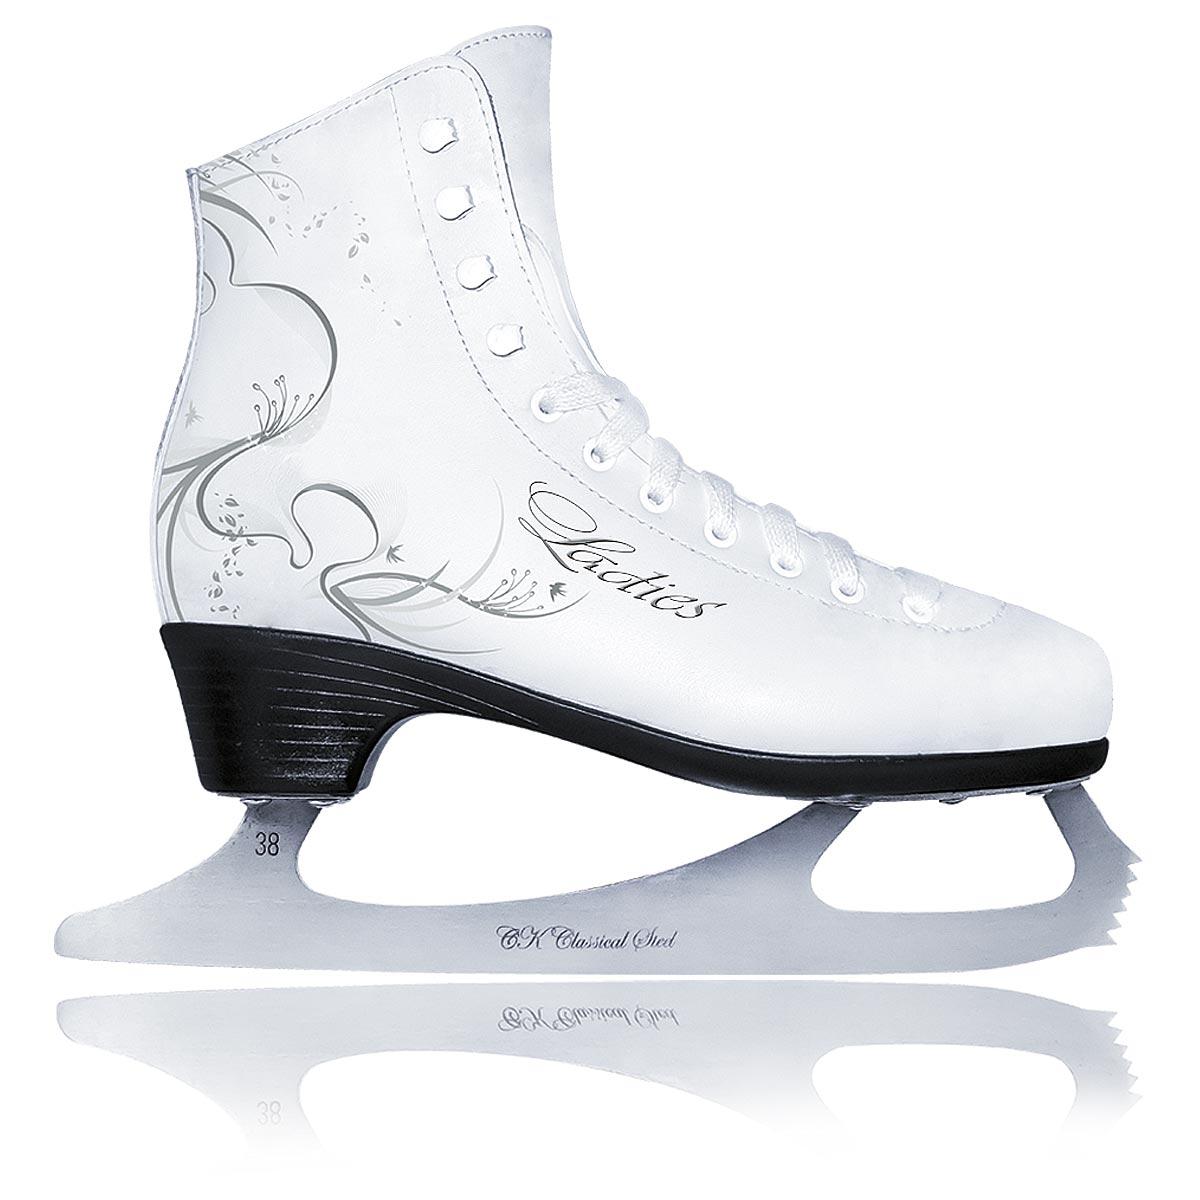 Коньки фигурные женские СК Ladies Lux Leather, цвет: белый. Размер 38LADIES LUX leather_белый_38